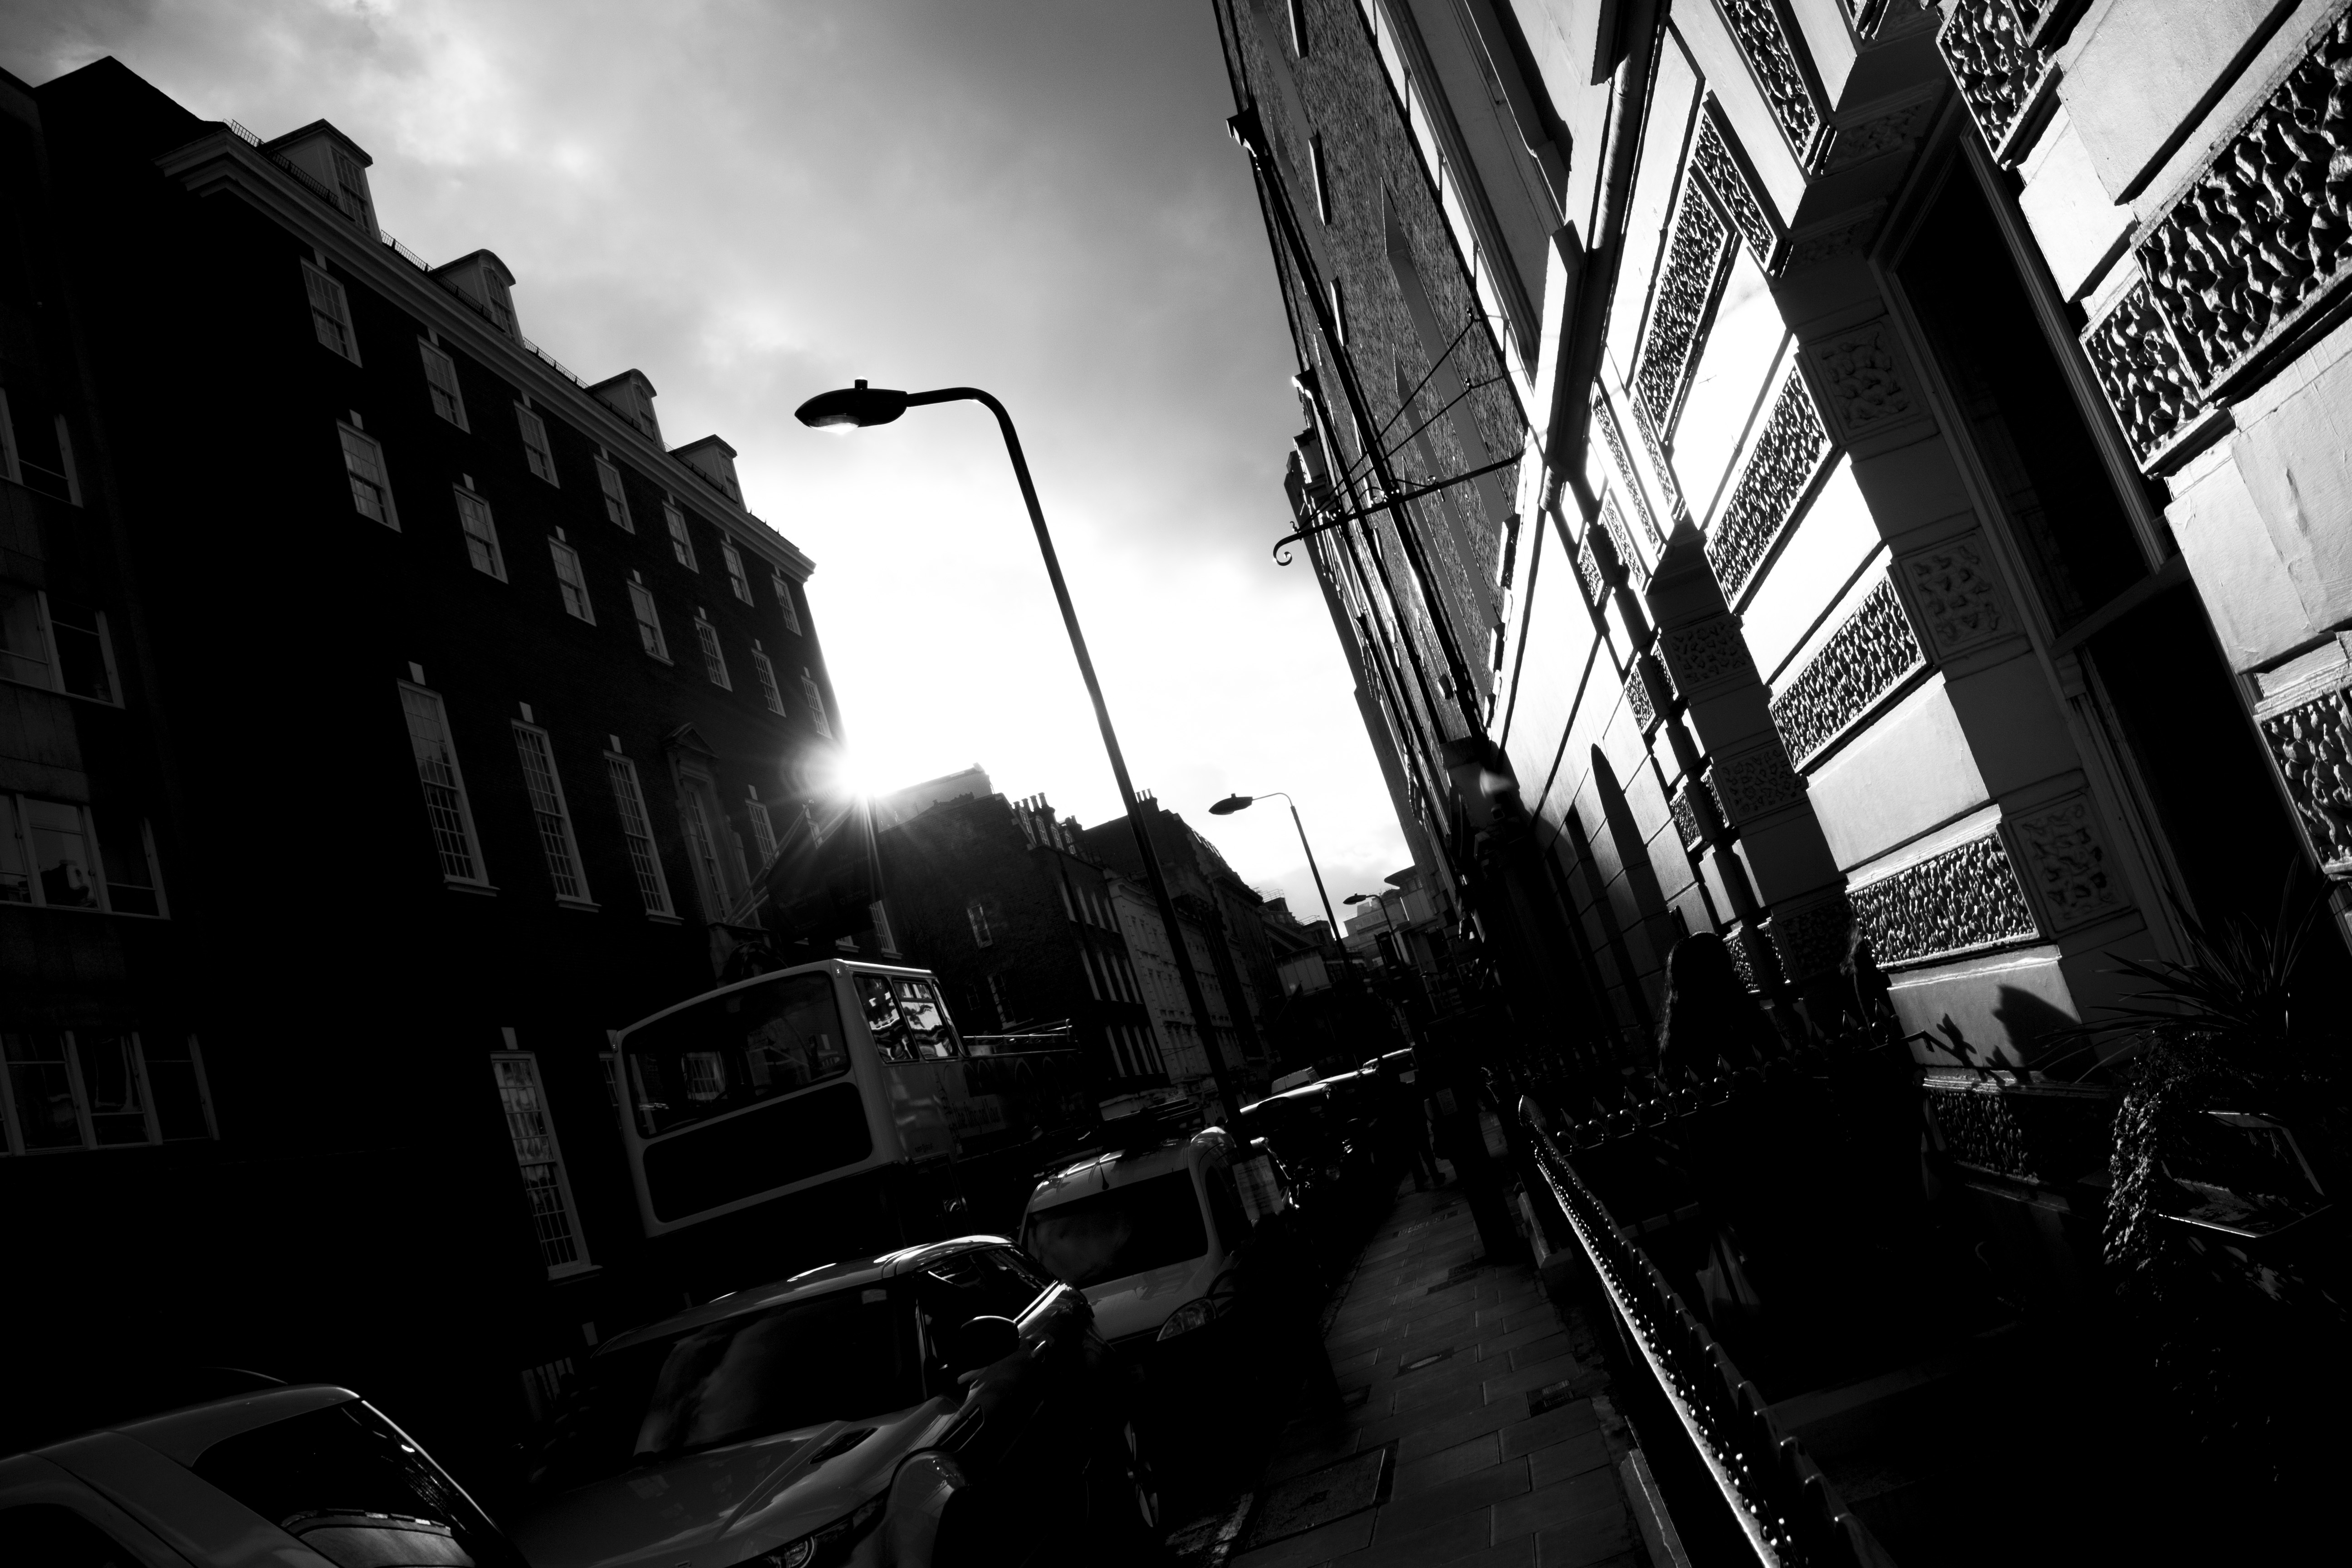 london_bw_047.jpg